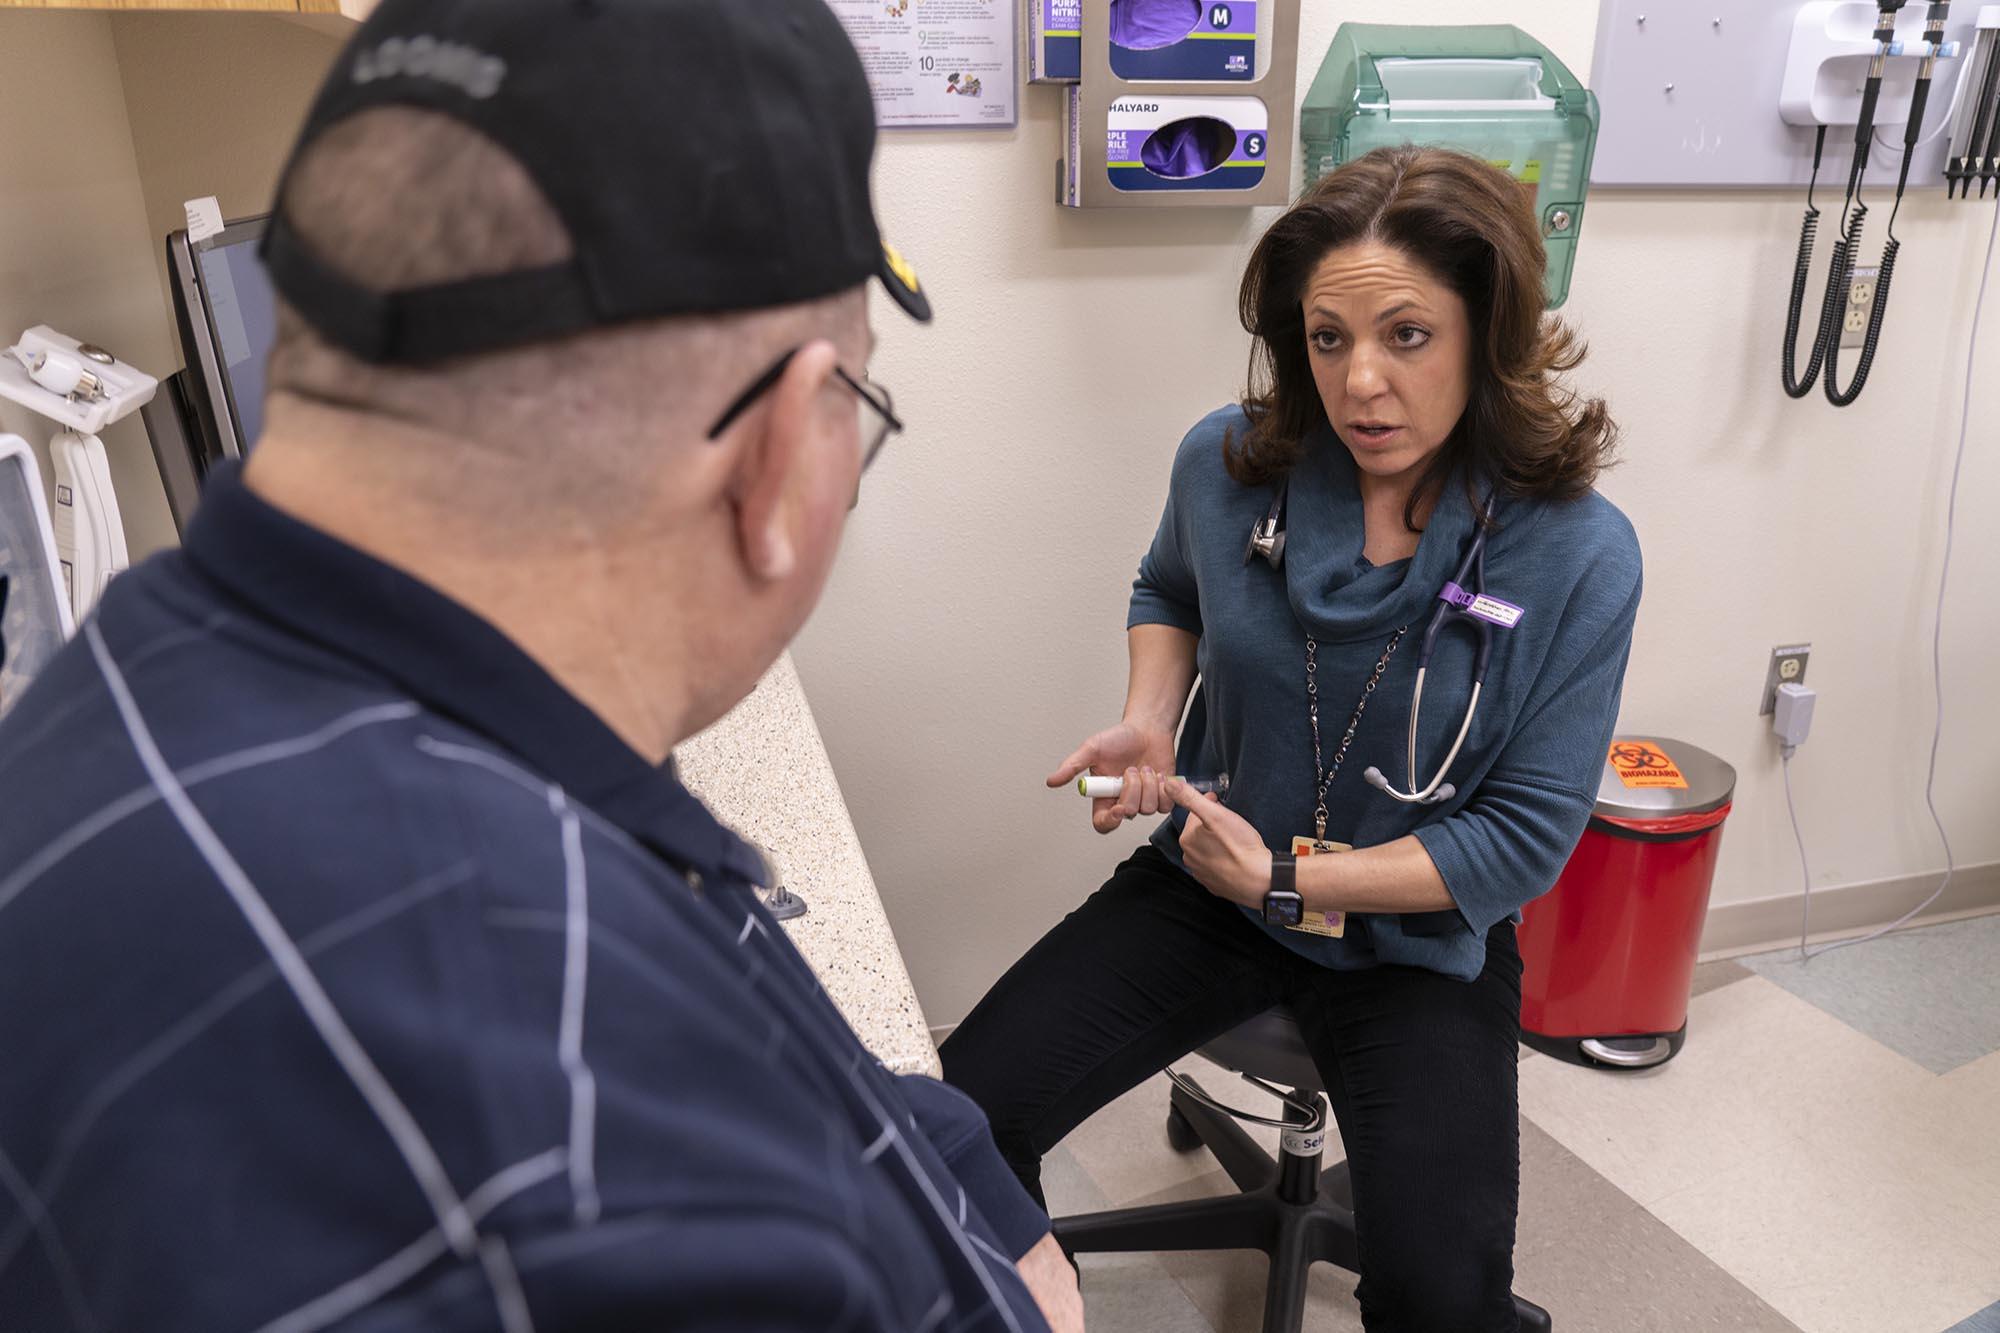 Alumna Gretchen Ray, PhC che consulta un paziente.